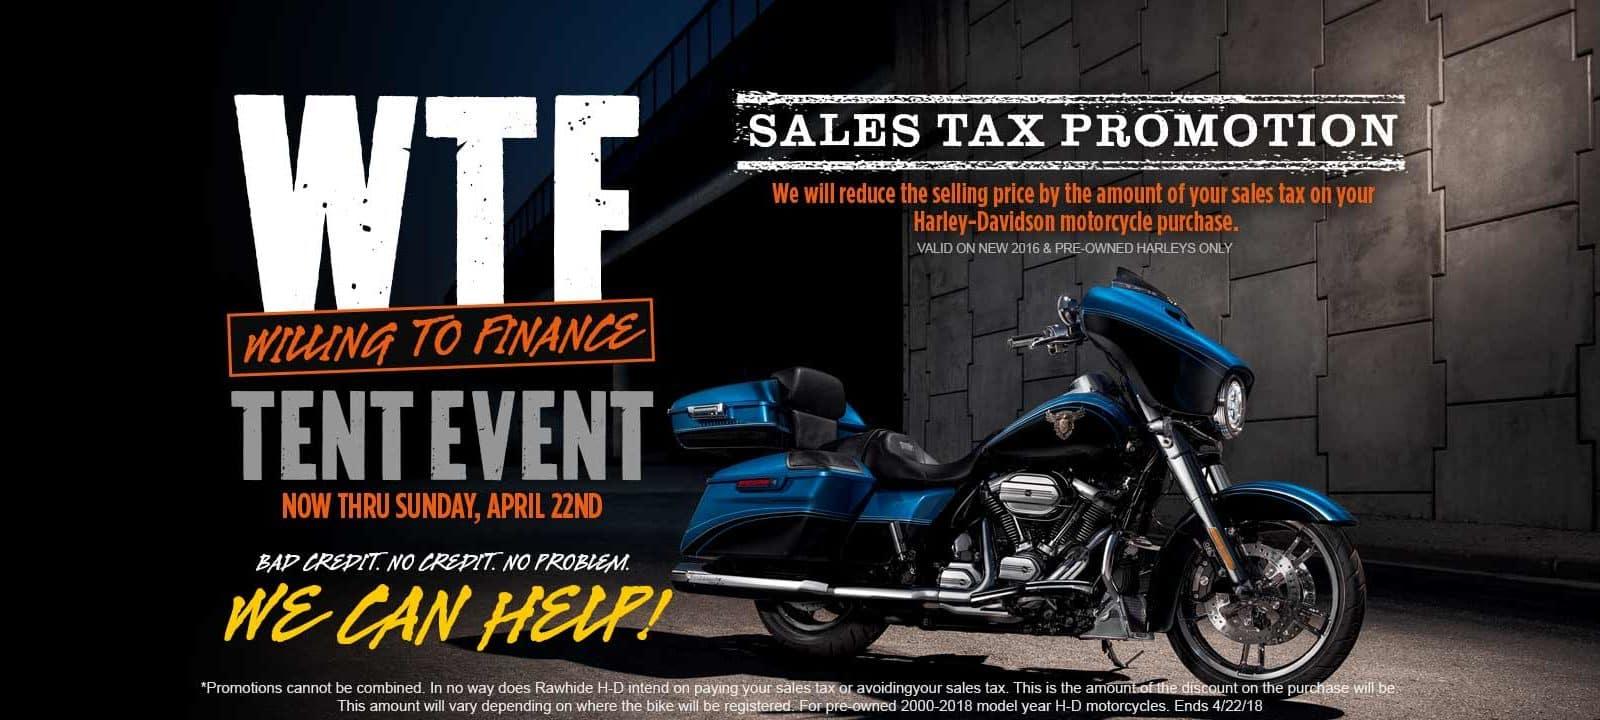 20180416-RHD-1800x720-WTF-Tent-Event-Sales-Tax